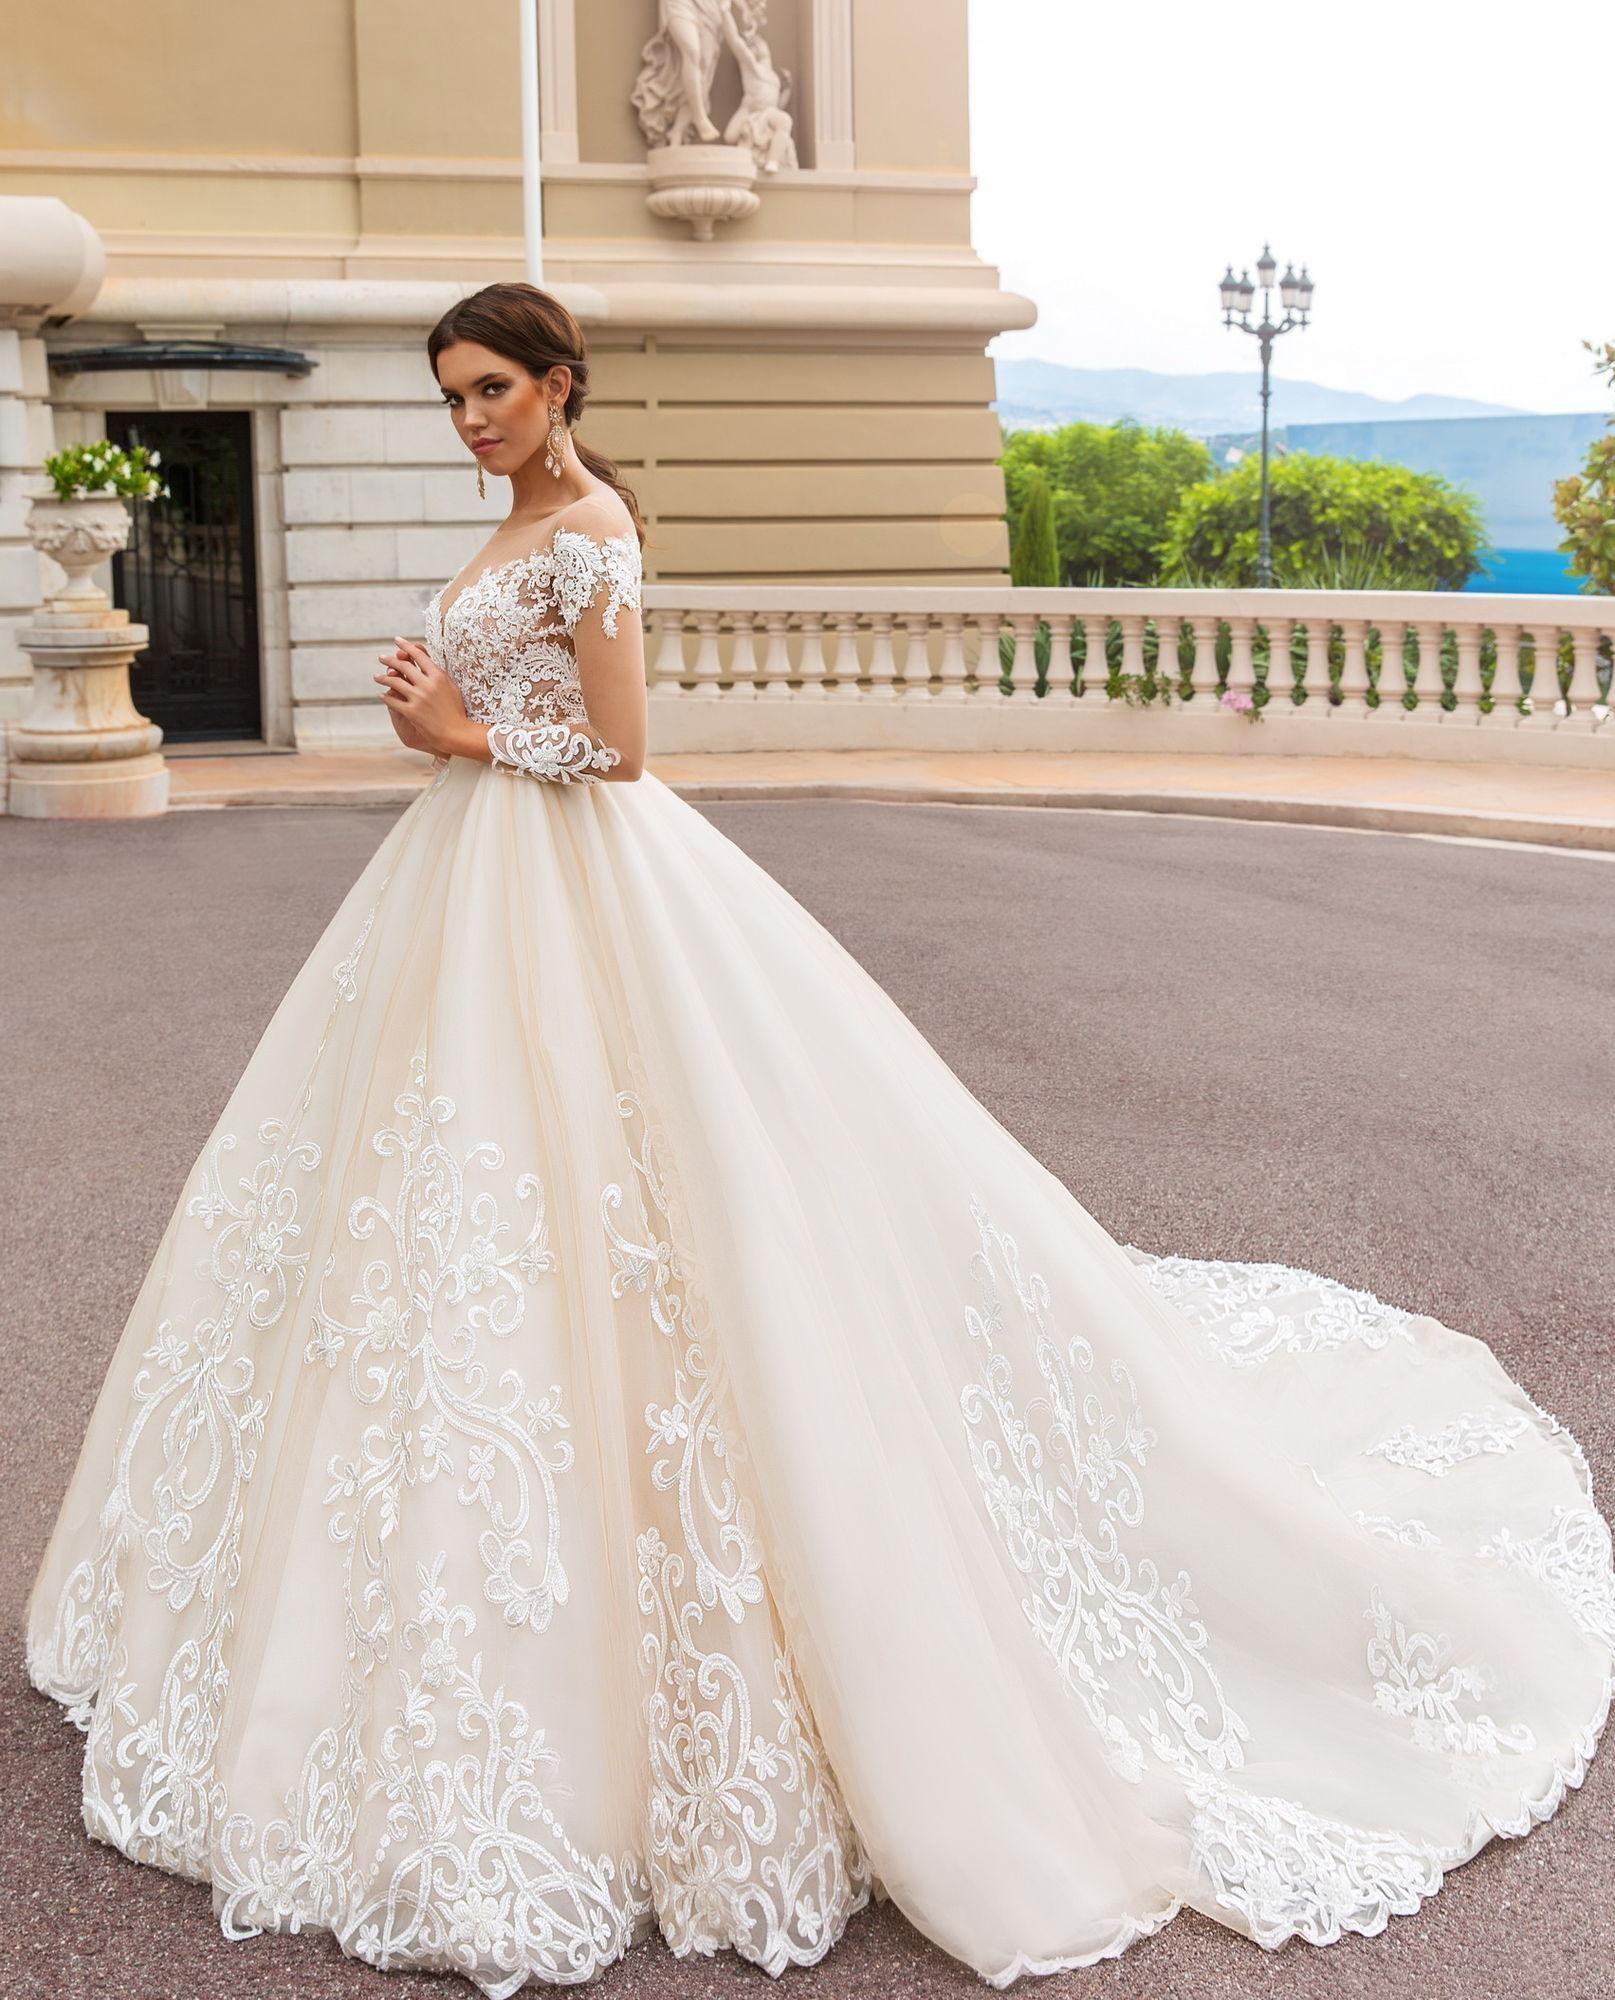 2019 Árabe Dubai Una línea Vestidos de novia Equipo Cuello Cuello Apliques Illusion Sheer Back Abrir Mangas Largas Capilla Tren Tallas grandes Vestidos nupciales